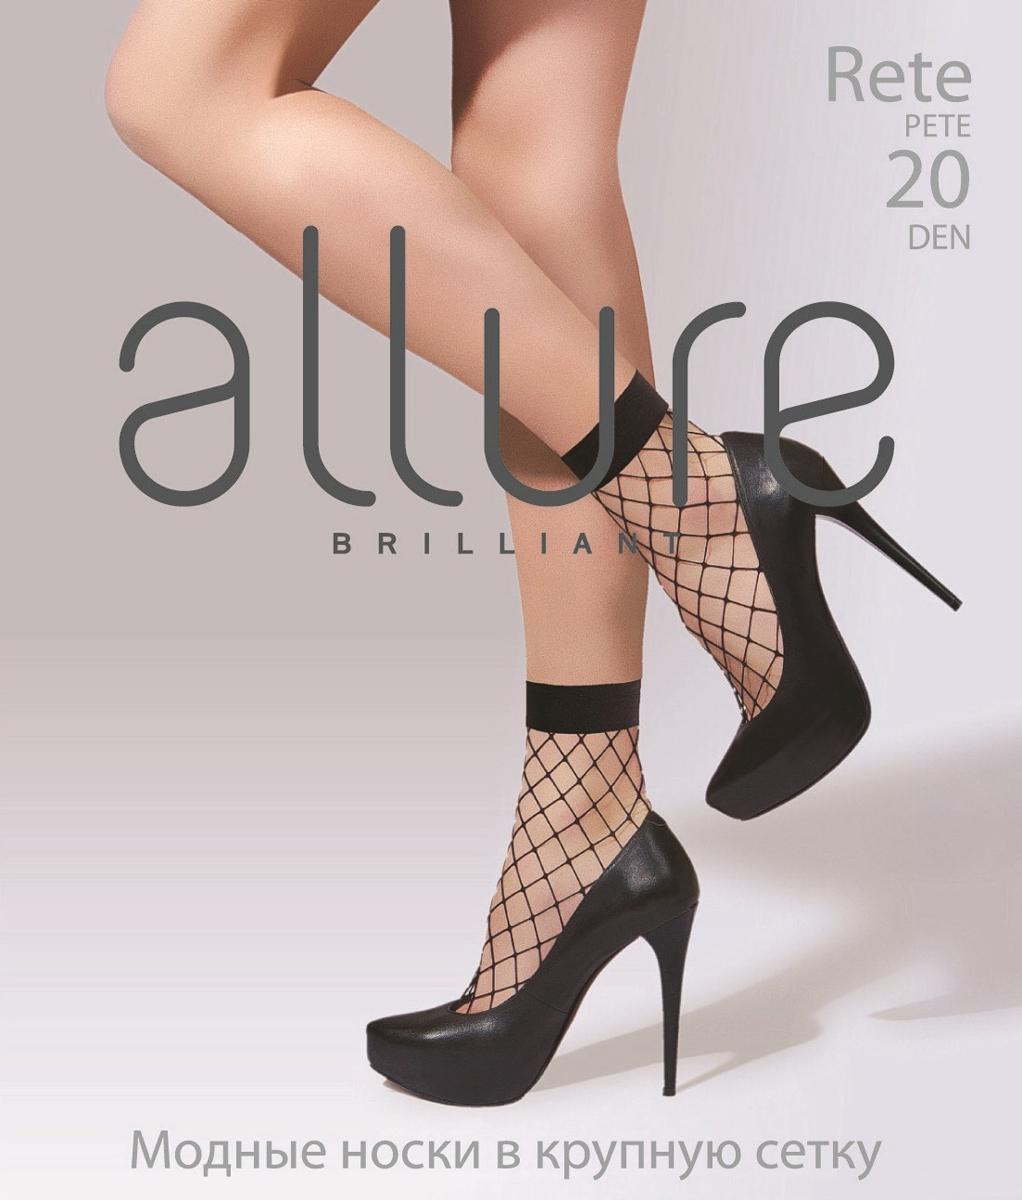 Носки женские Allure Rete Maxi 20, цвет: Nero (черный). Размер универсальный недорго, оригинальная цена